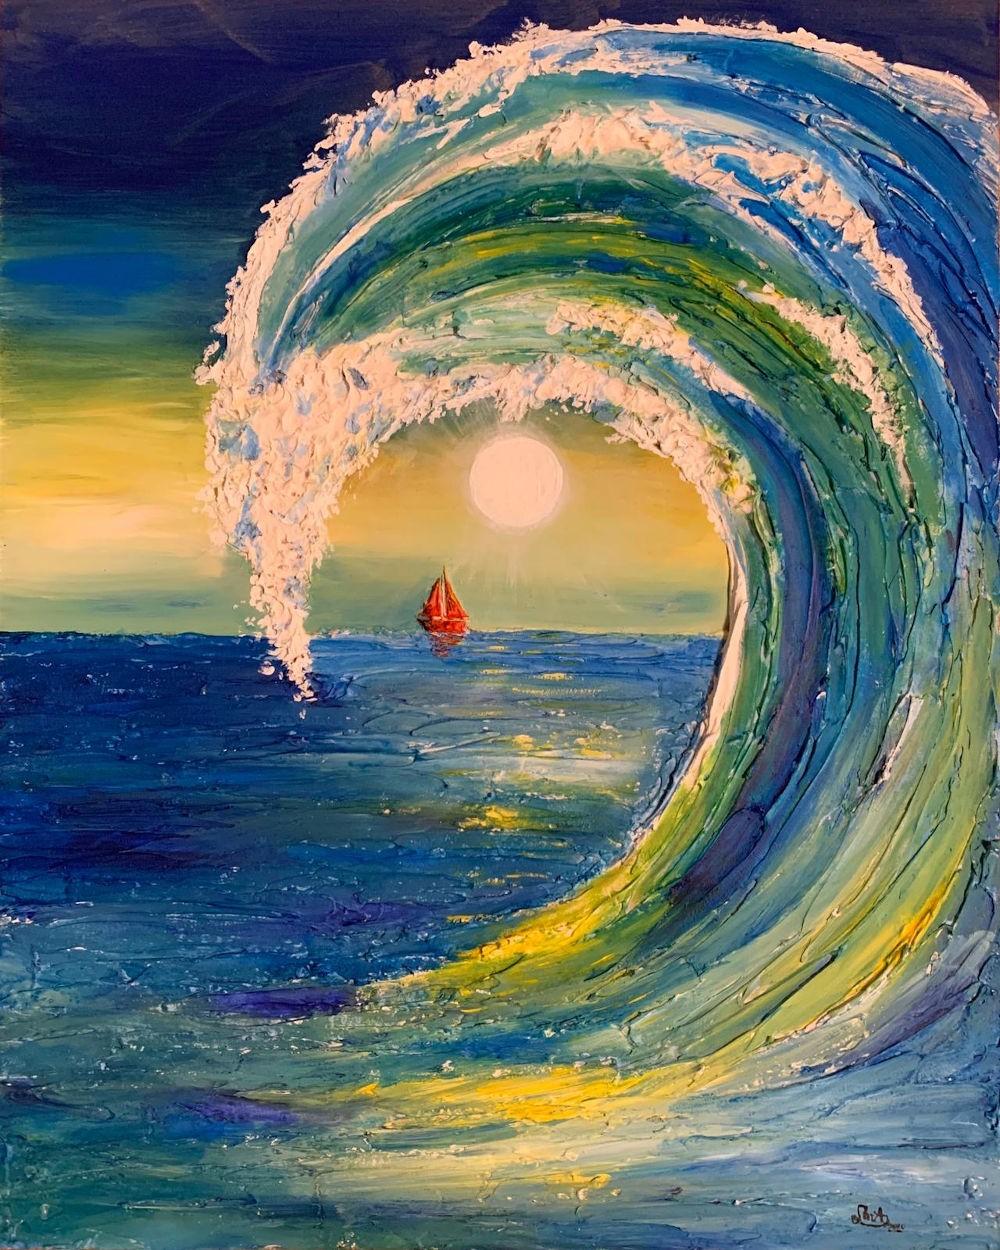 Bernard Moitessier - el hombre, el navegante y la ola del destino